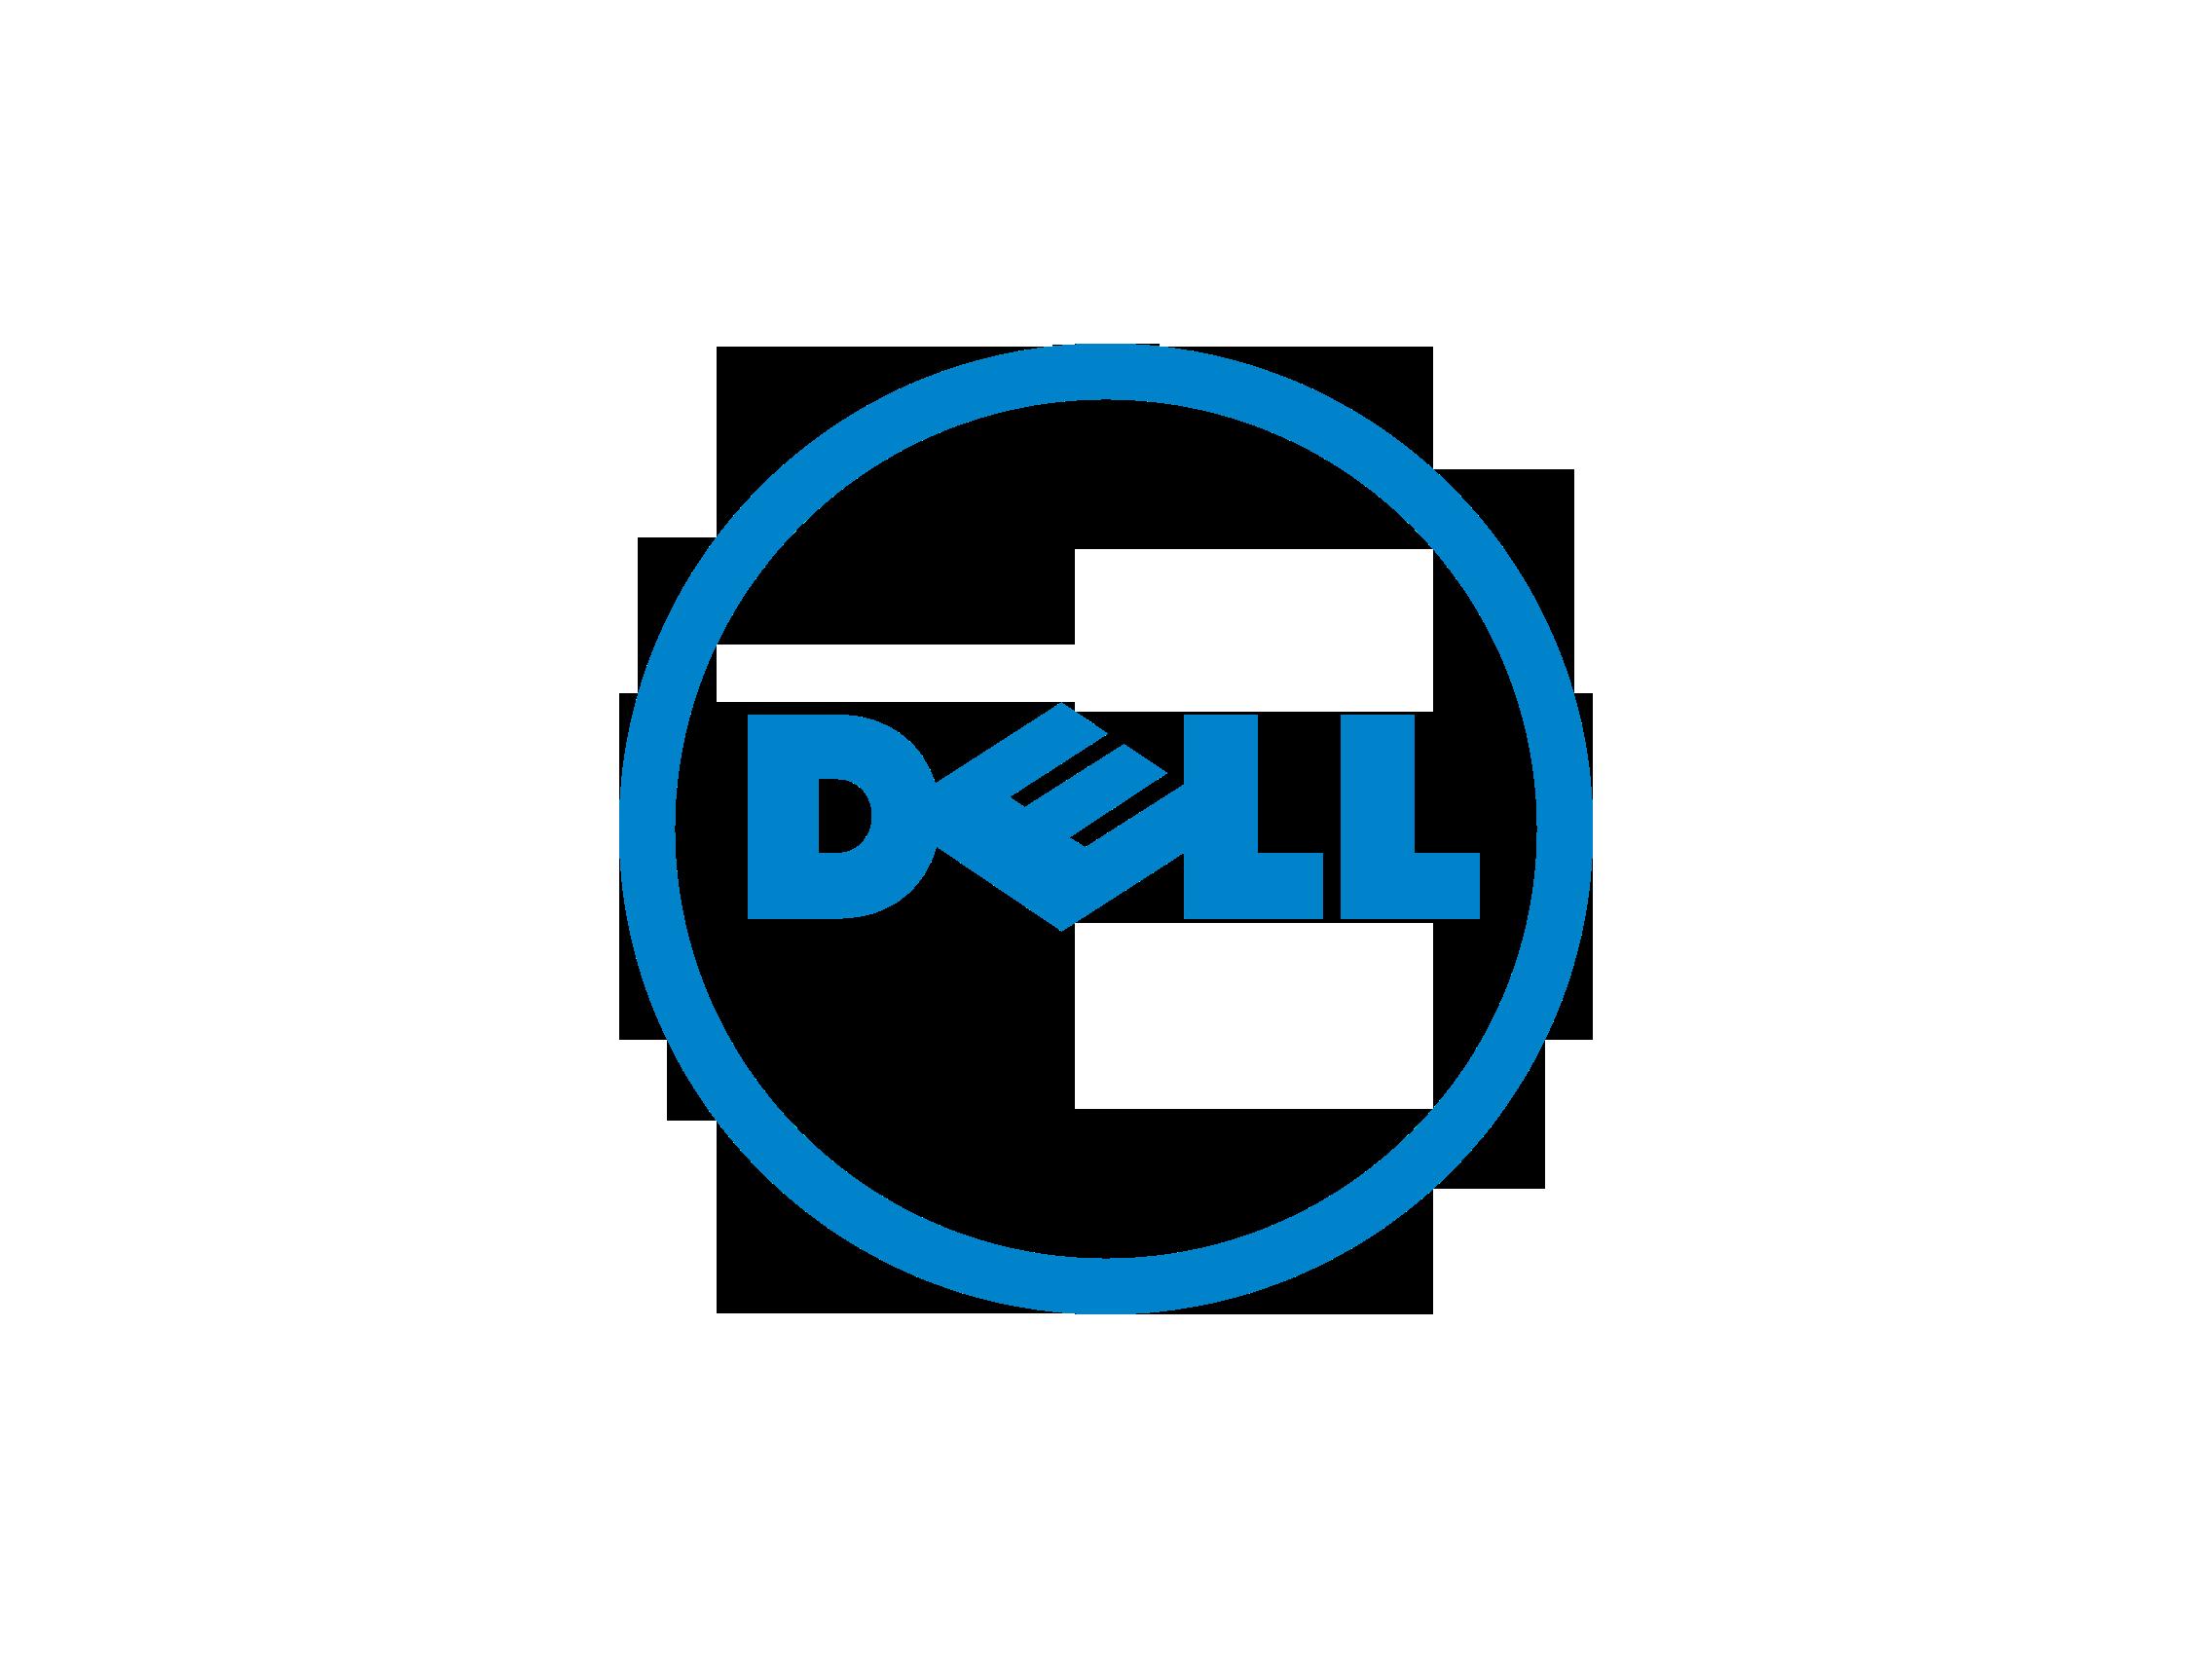 Bildergebnis für dell logo png